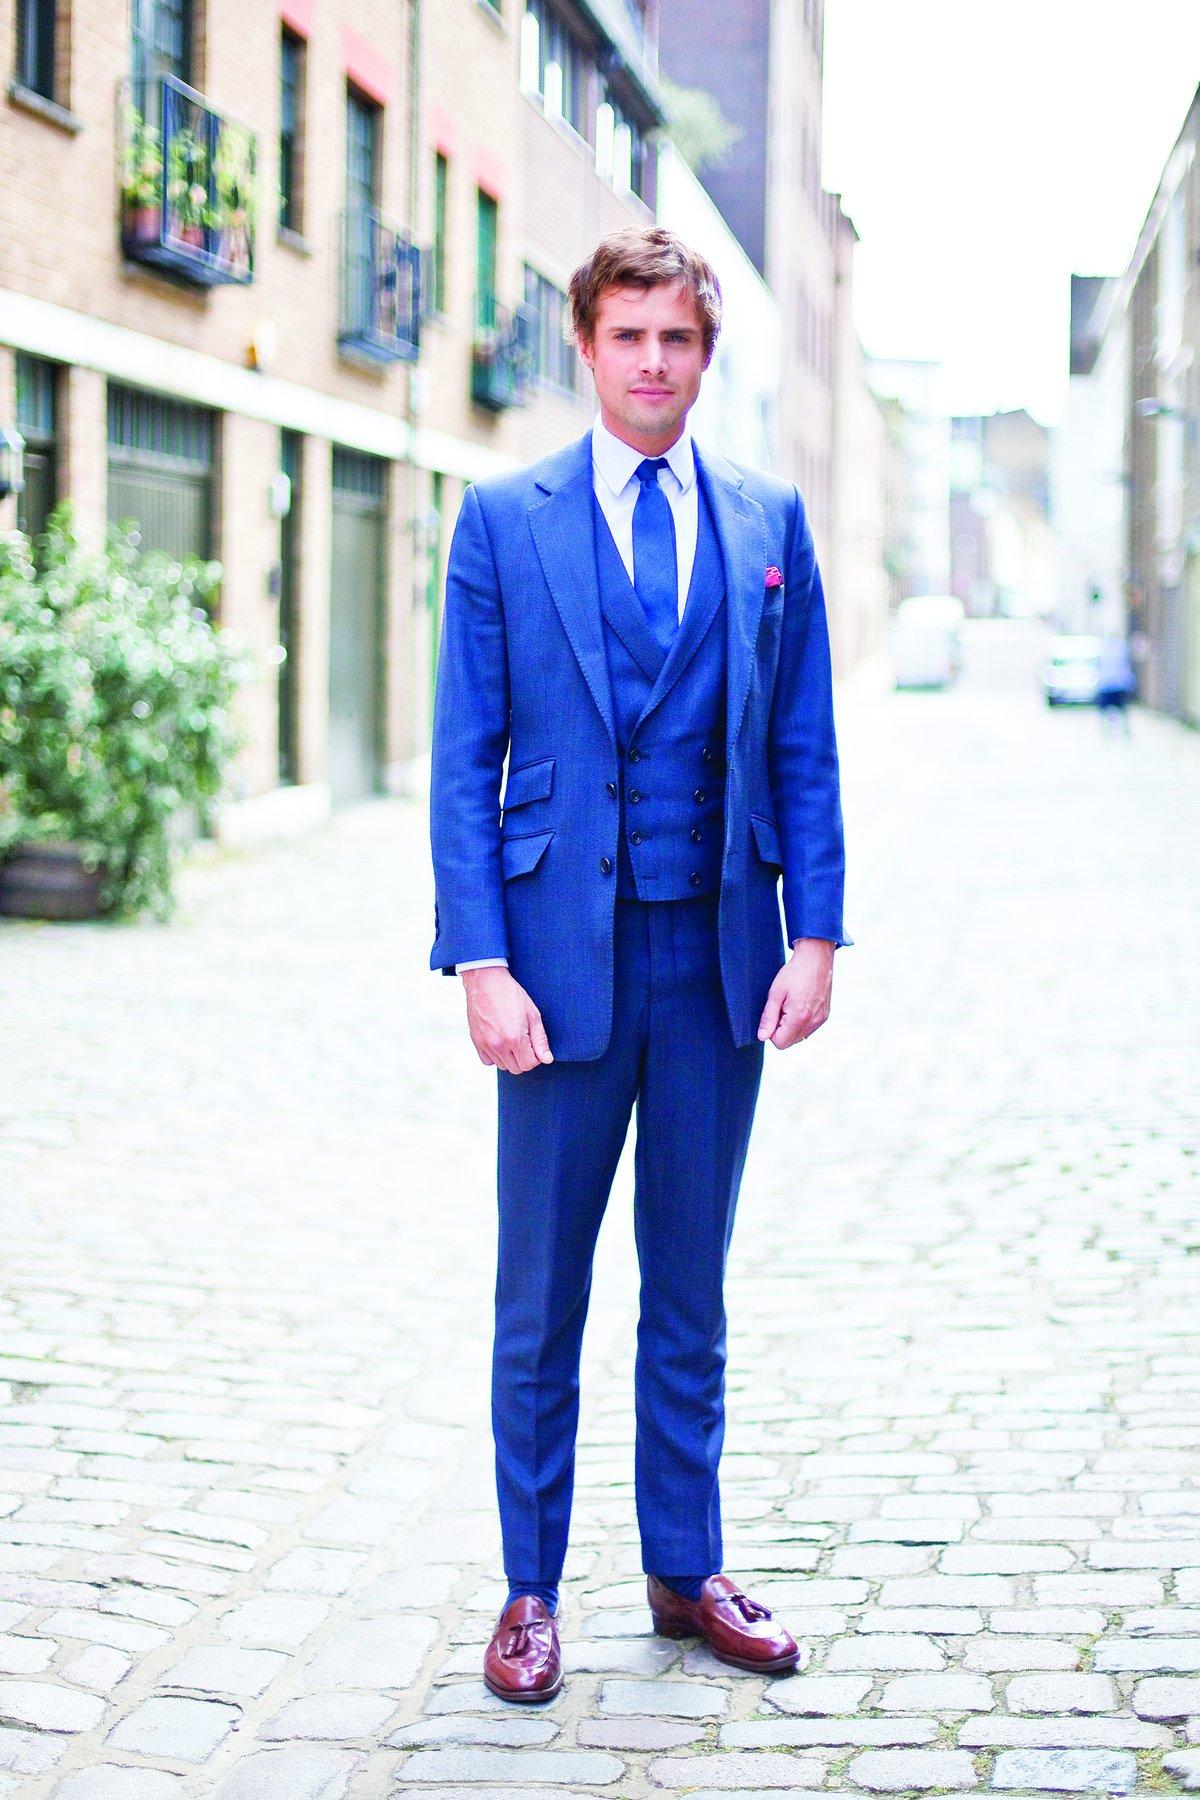 аналогов, какие туфли под синий костюм мужской выбор мозаики для